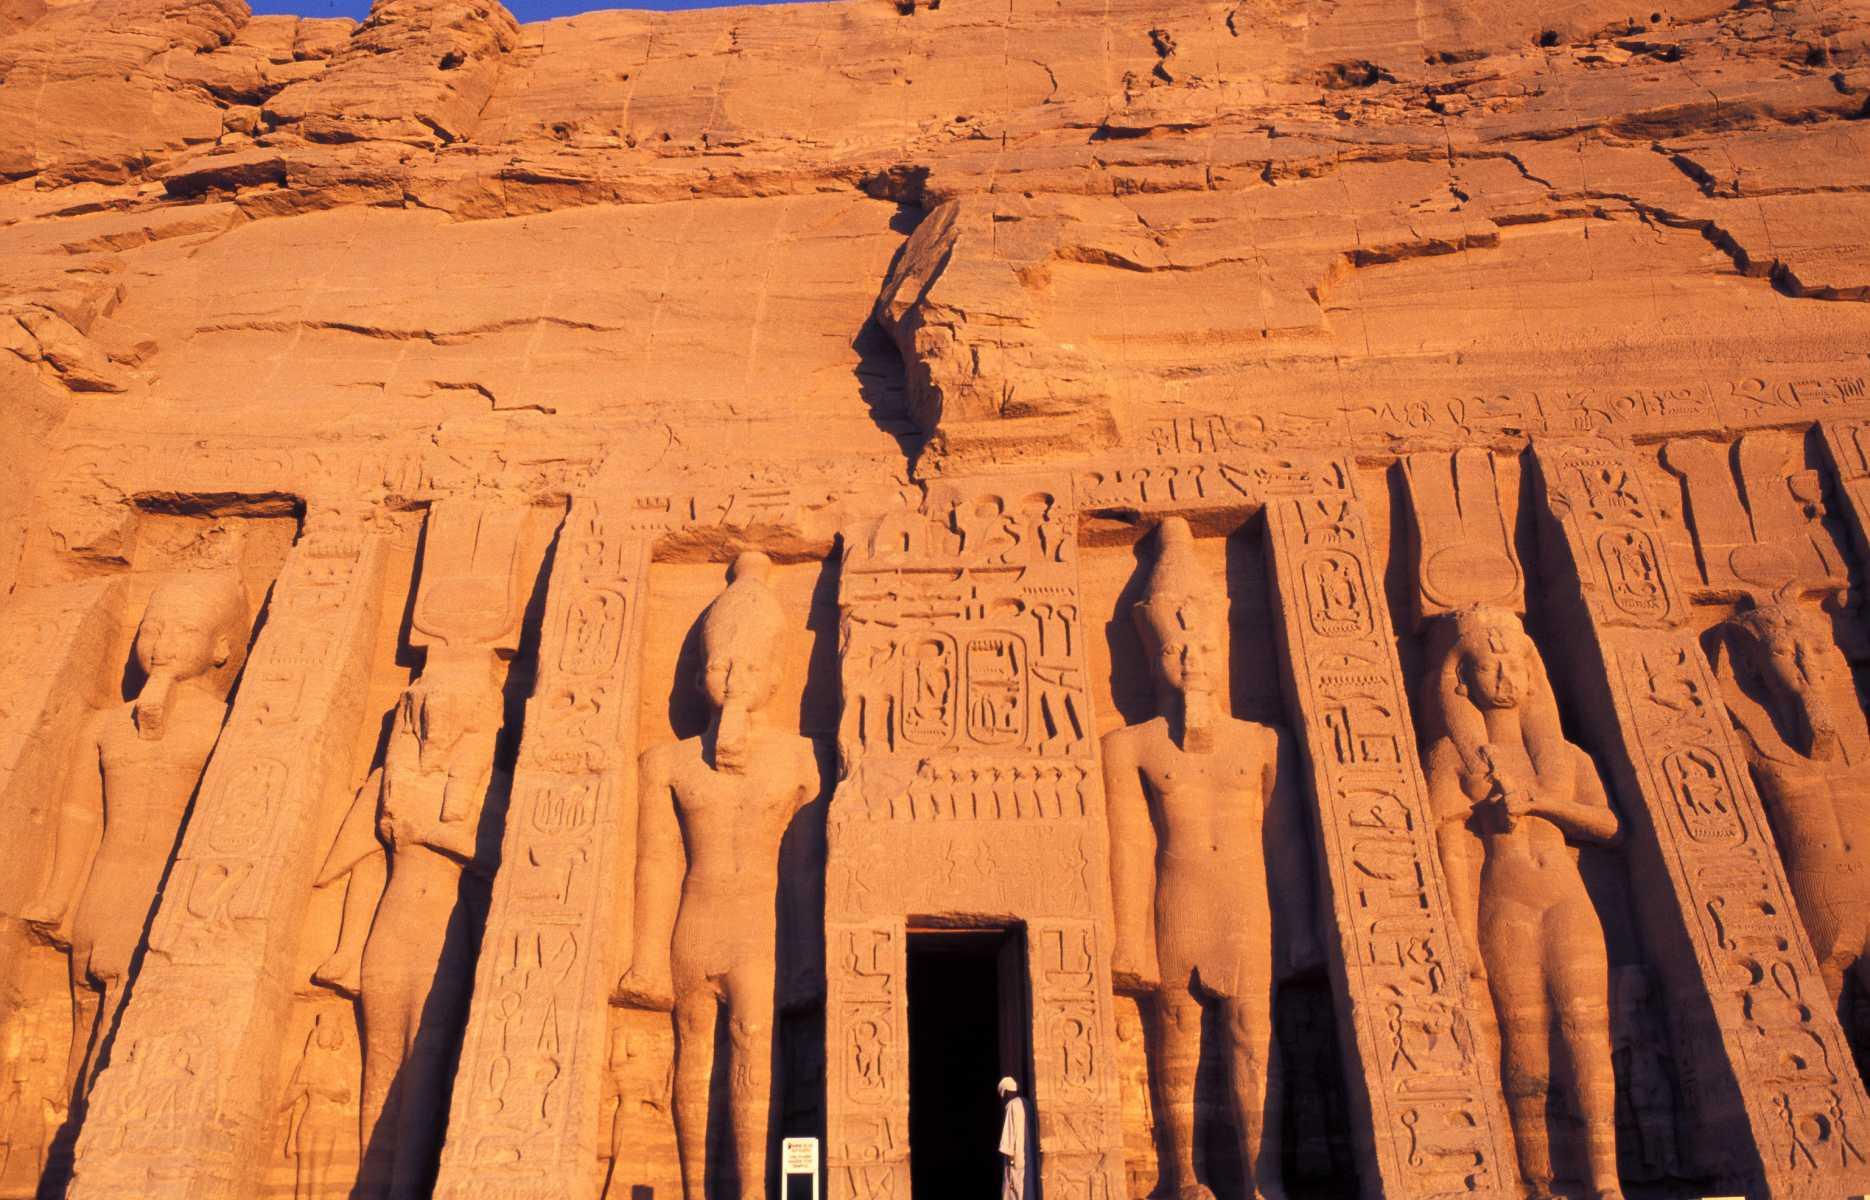 Nubie - Soleil couchant sur le petit temple d'Abou Simbel, voué au culte de Néfertari. L'épouse de Ramsès II y est représentée sous les traits de la déesse de la beauté Hathor